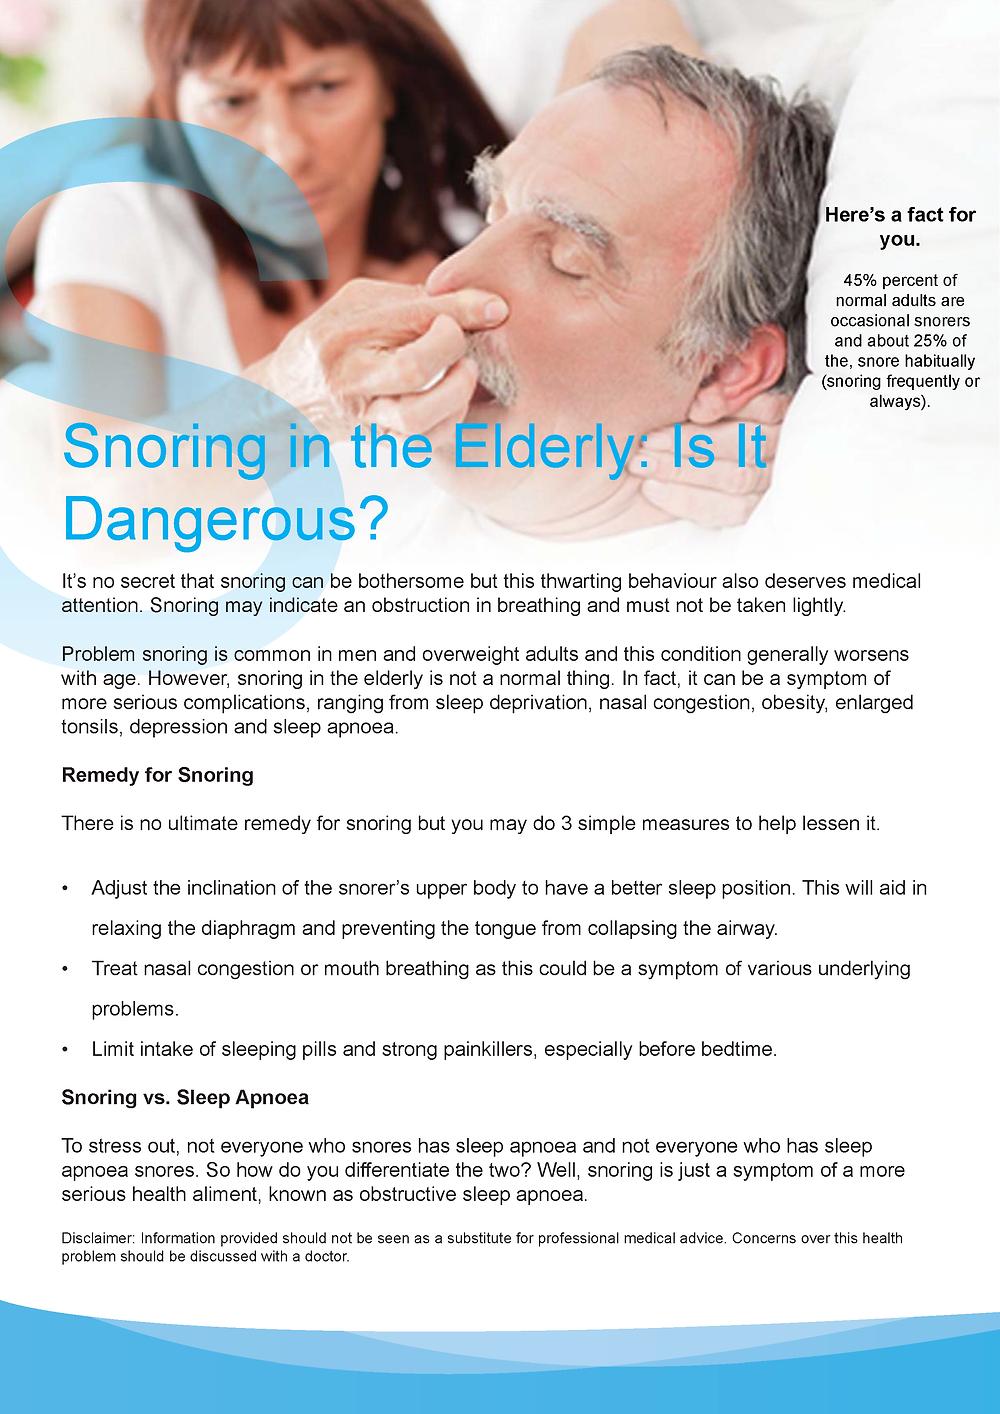 Snoring in the Elderly: Is It Dangerous?